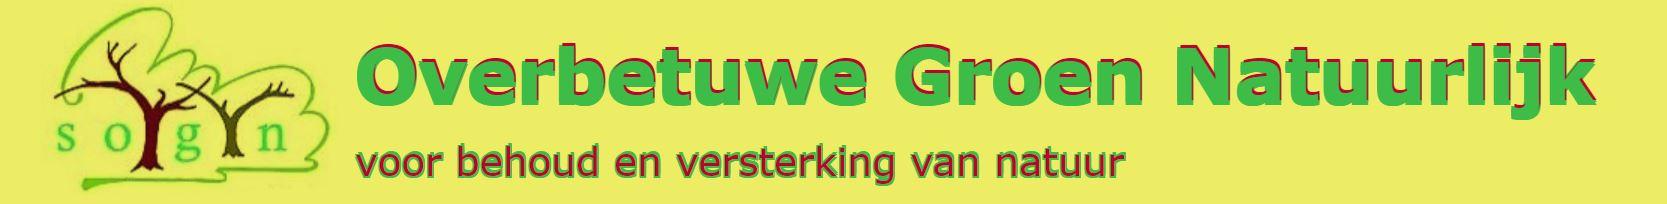 Banner Overbetuwe Groen Natuurlijk